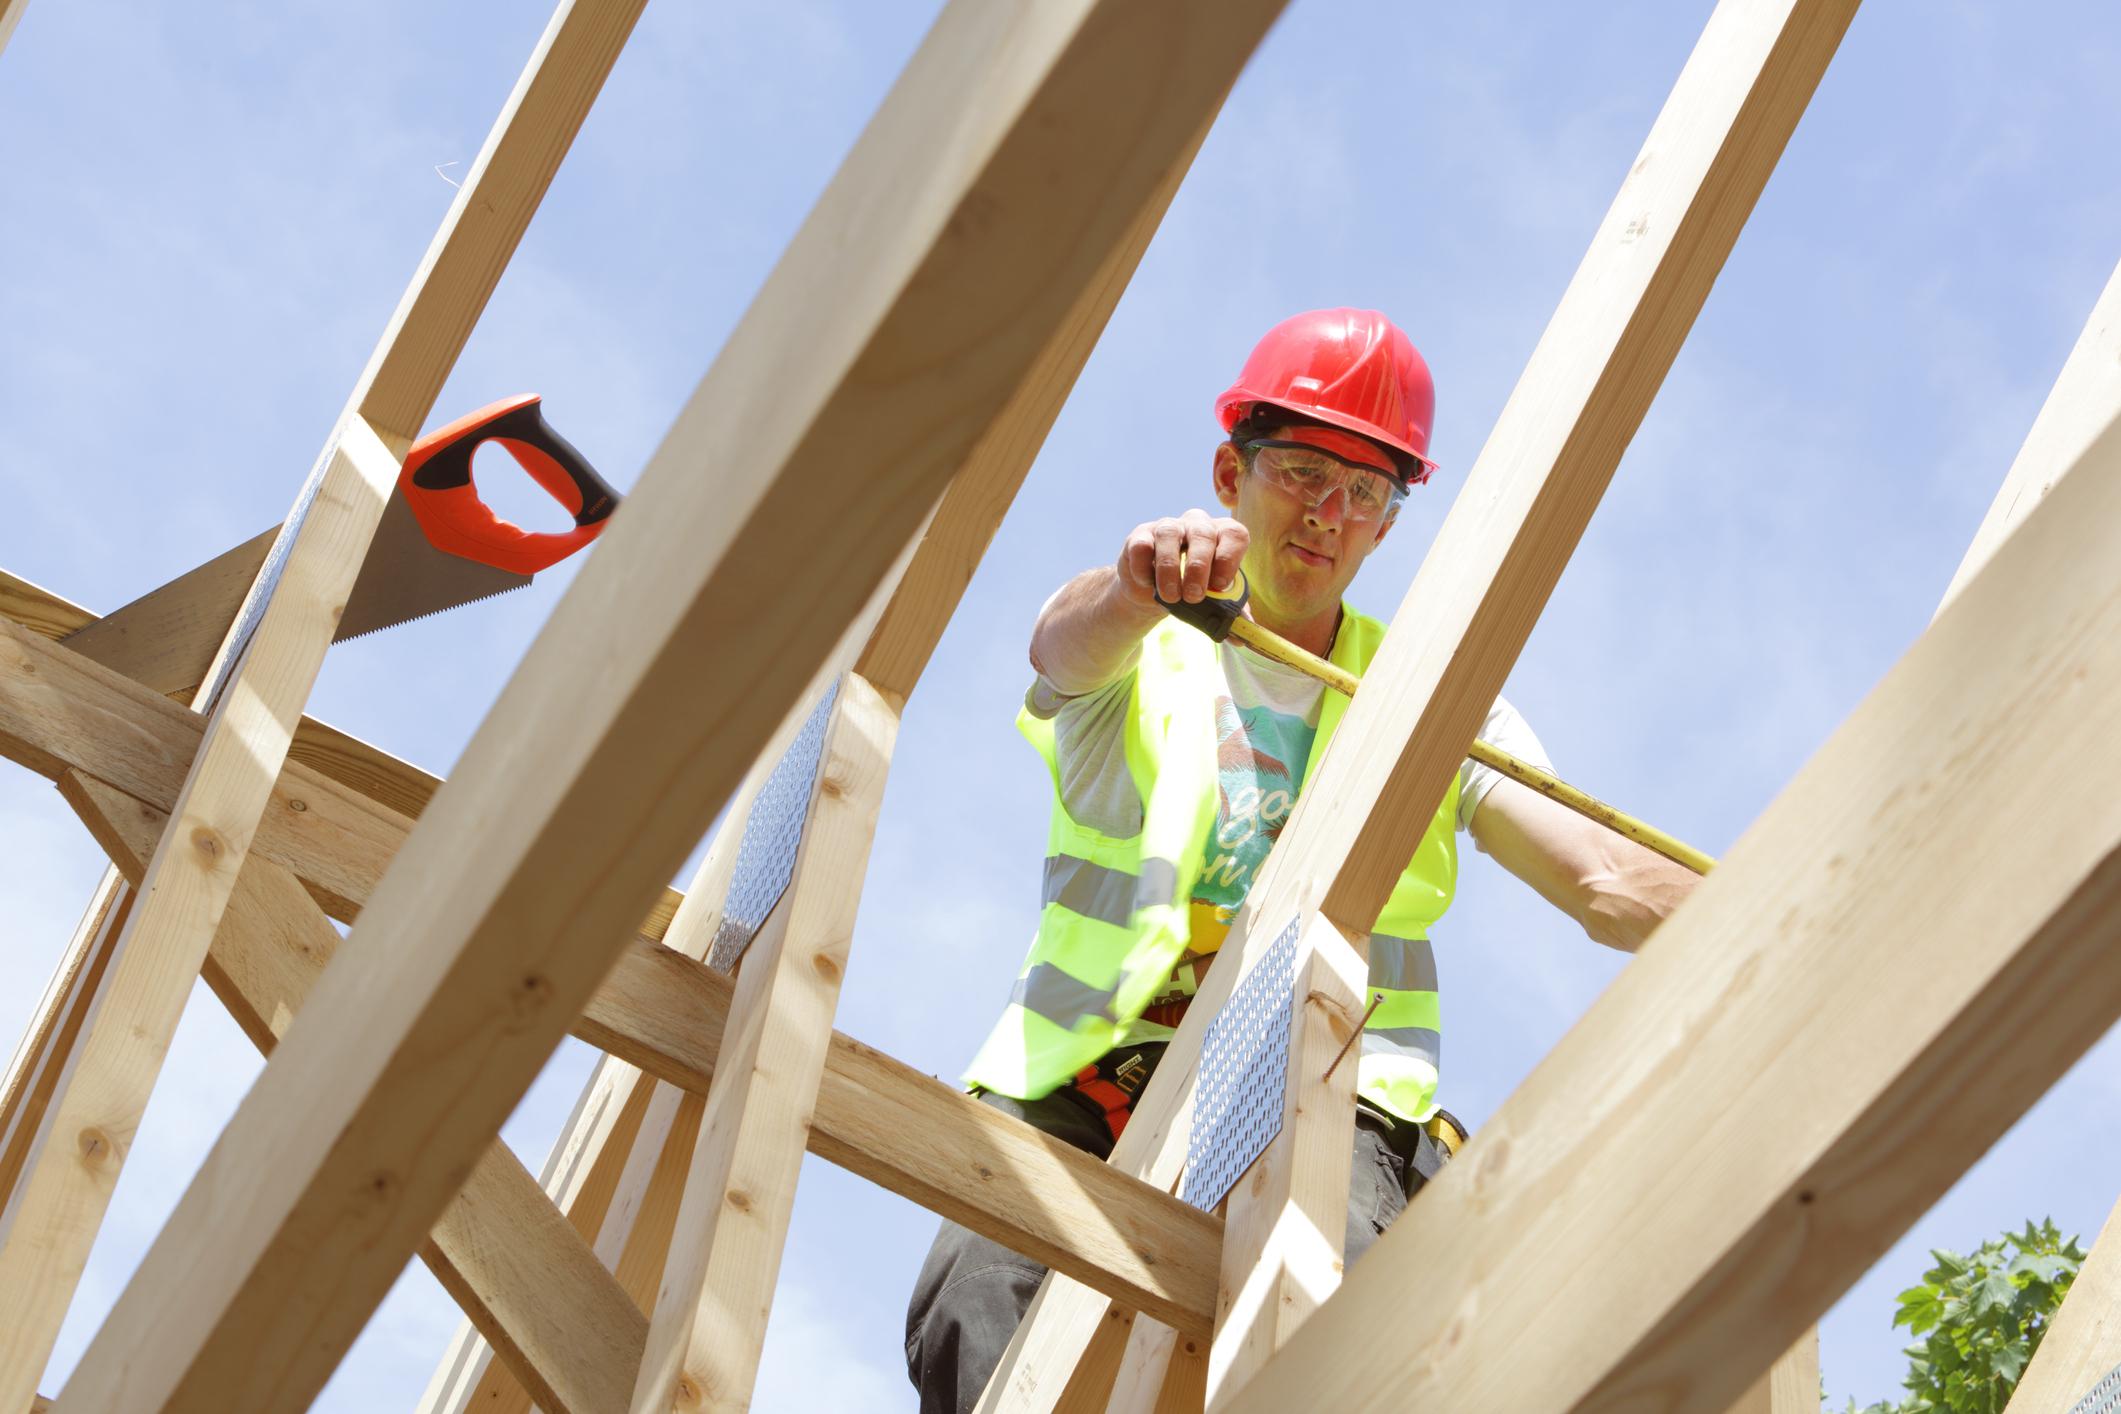 Criză de lemn la nivel mondial. Preţurile materialor de construcții au explodat în ultimele luni